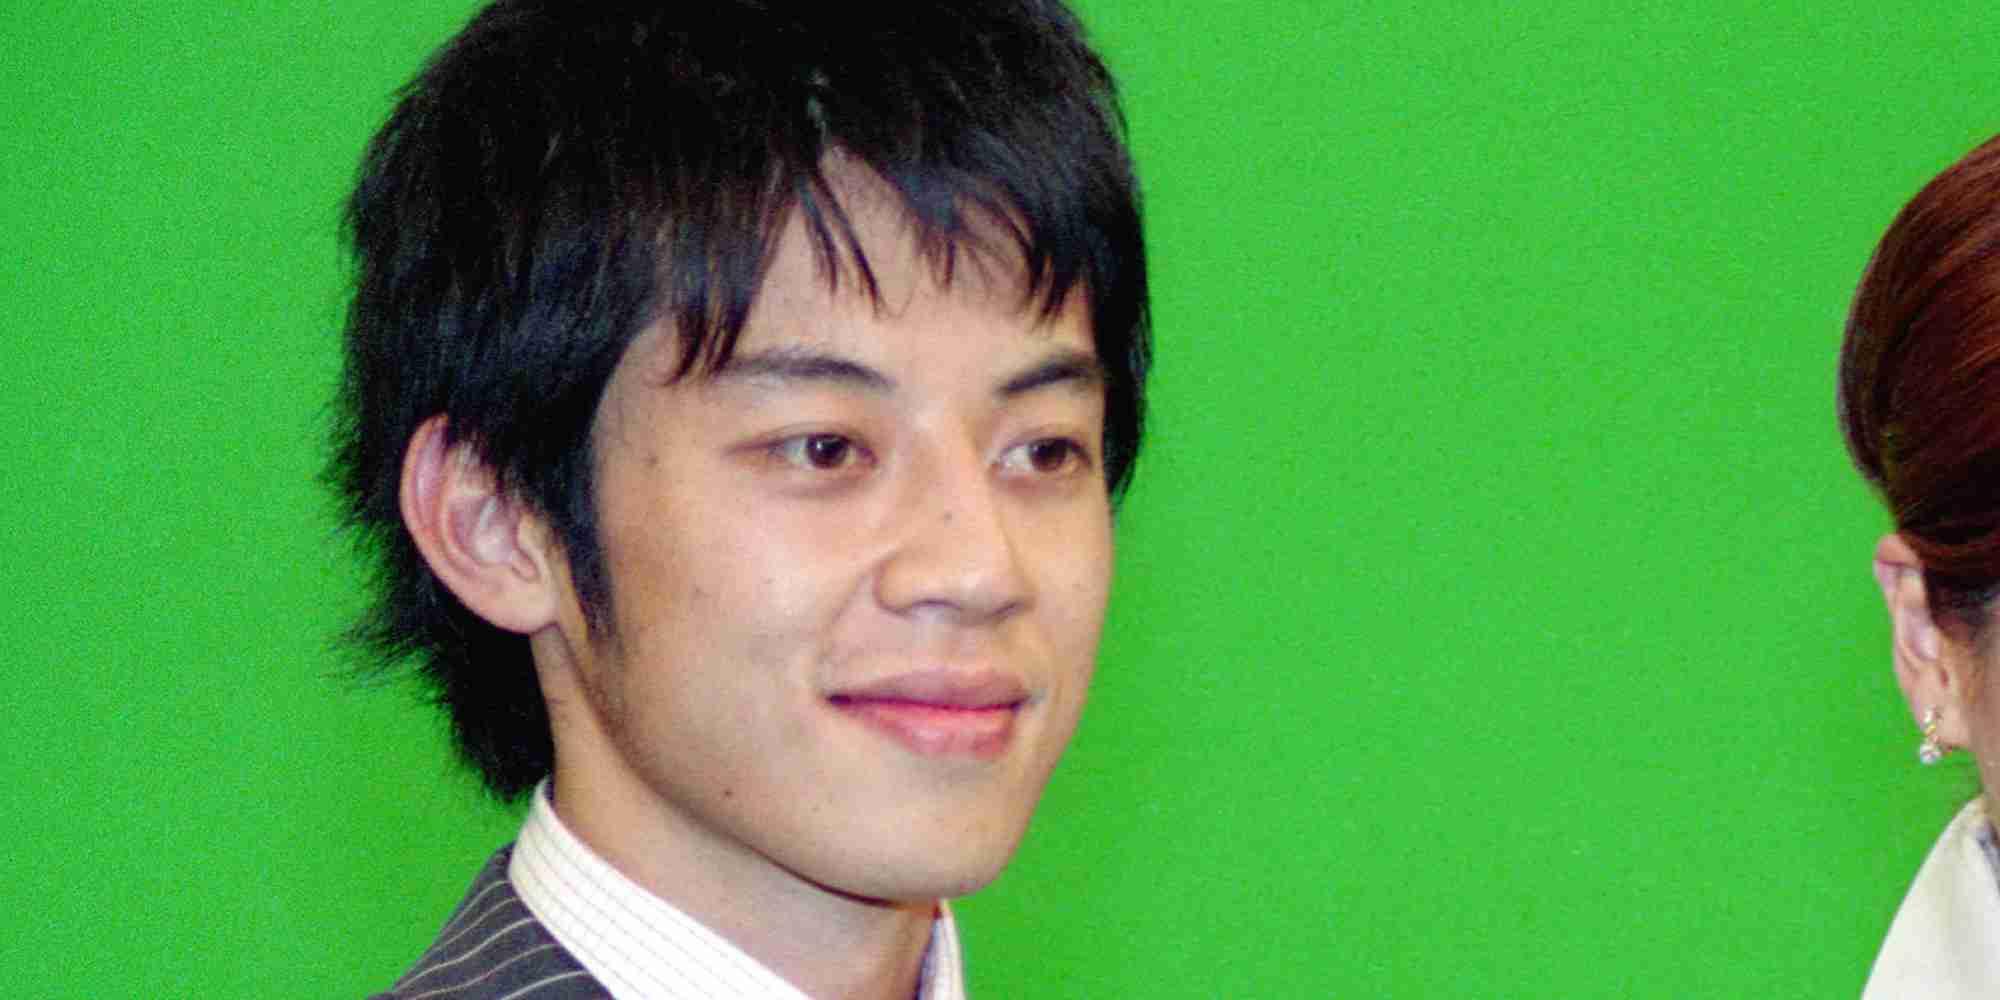 キンコン西野亮廣の絵が1000万円で売れた 「ゴッホを超えたい」